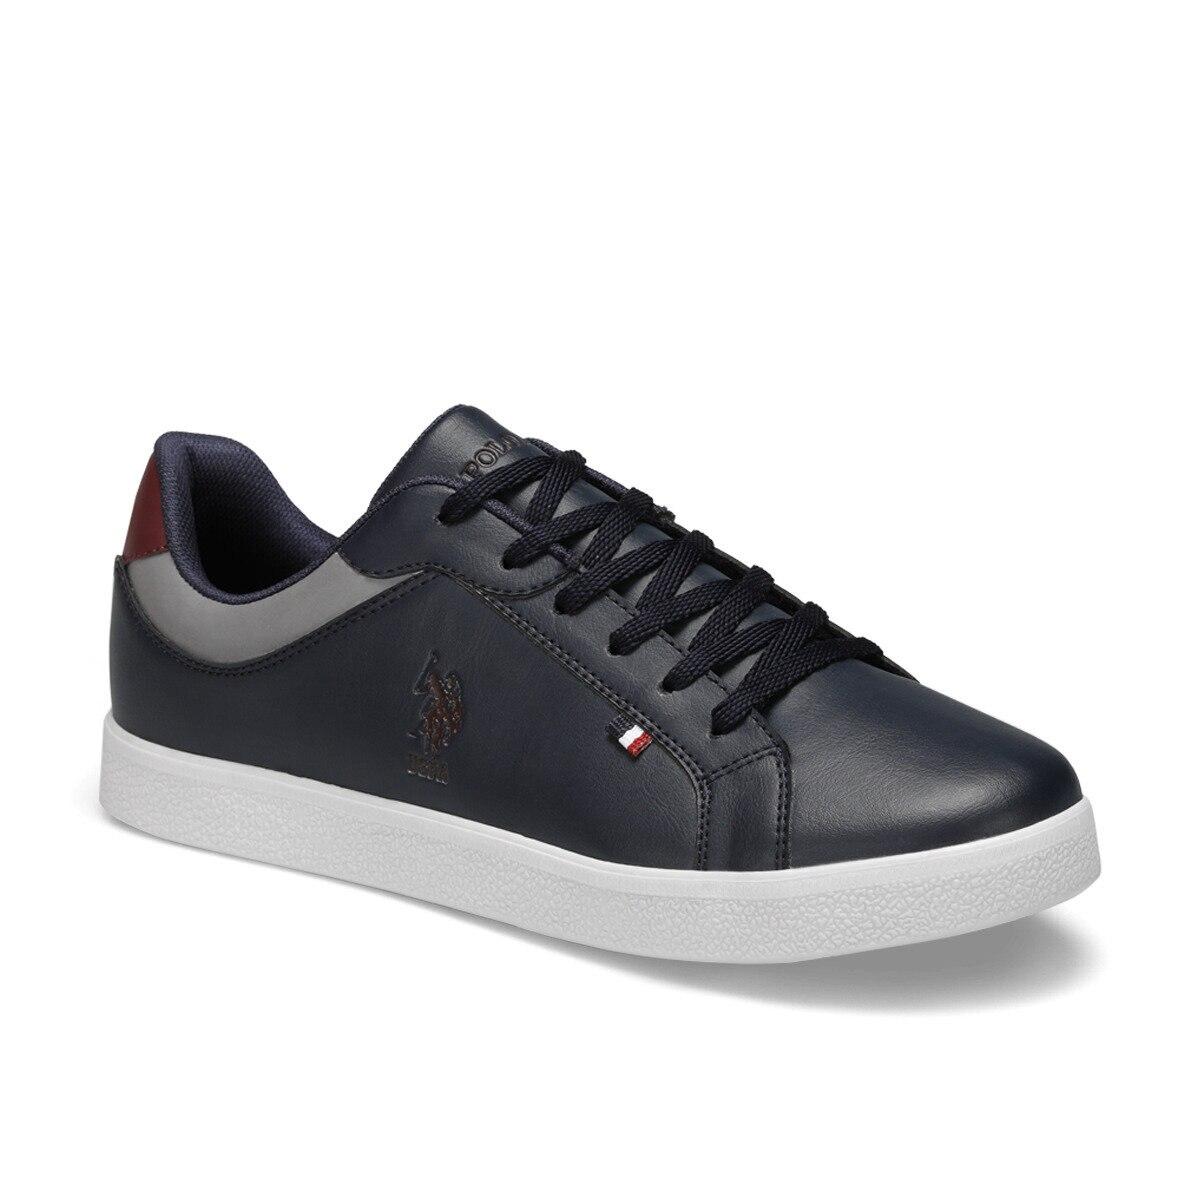 FLO ARNOLD Navy Blue Men 'S Sneaker Shoes U.S. POLO ASSN.